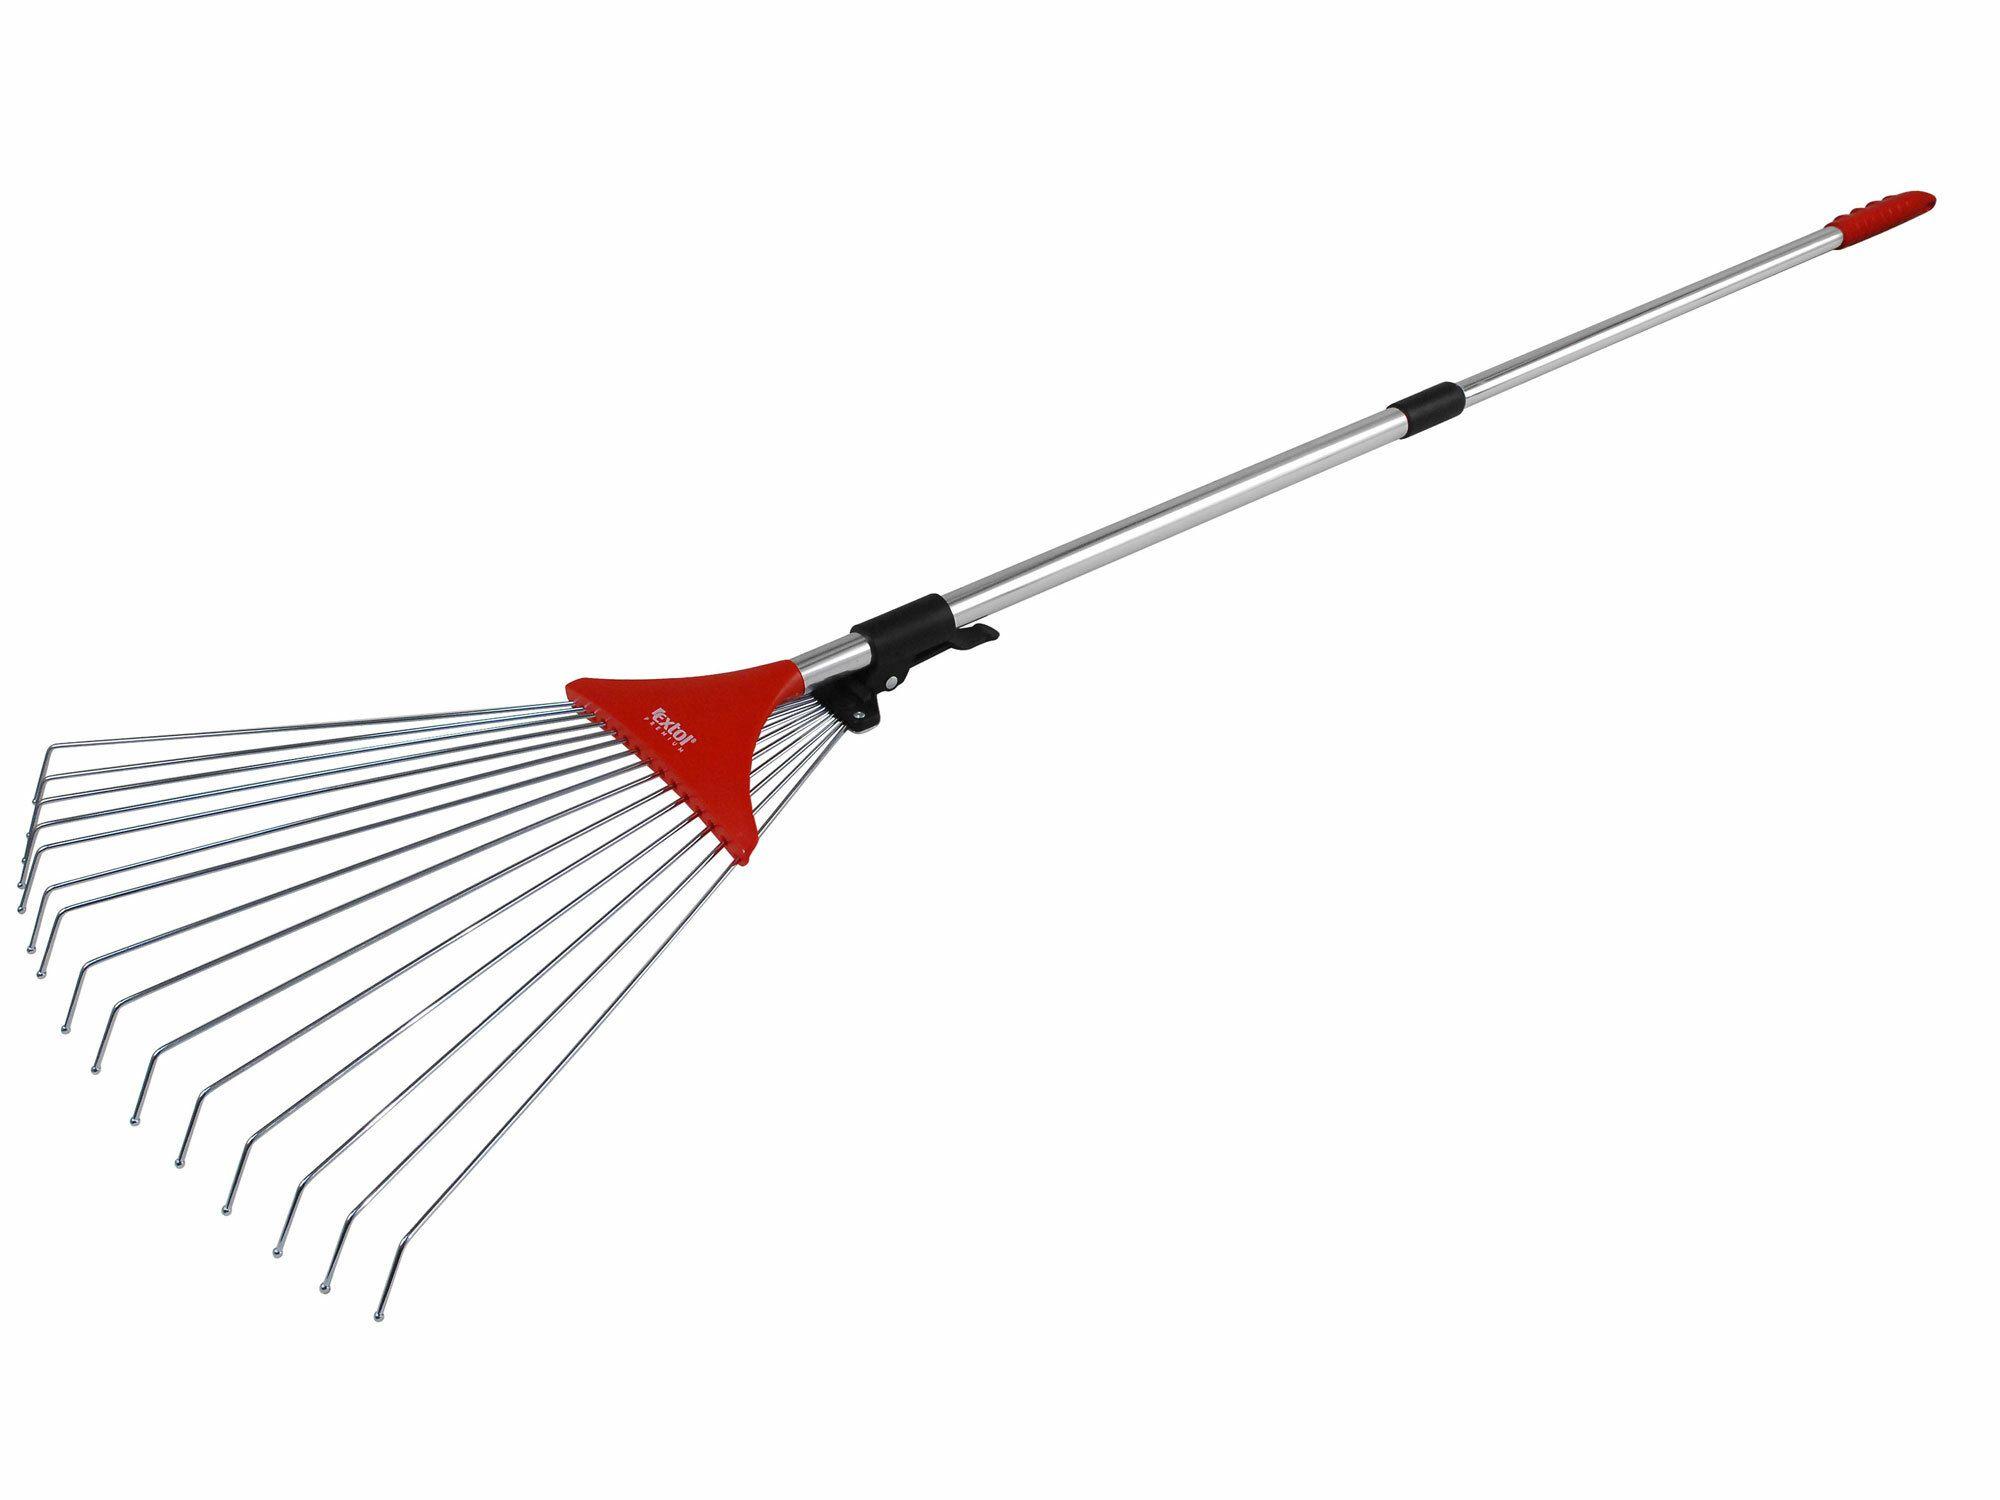 Hrábě nastavitelné s teleskopickou násadou, délka 80-158cm, šířka 18-59cm EXTOL-PREMIUM